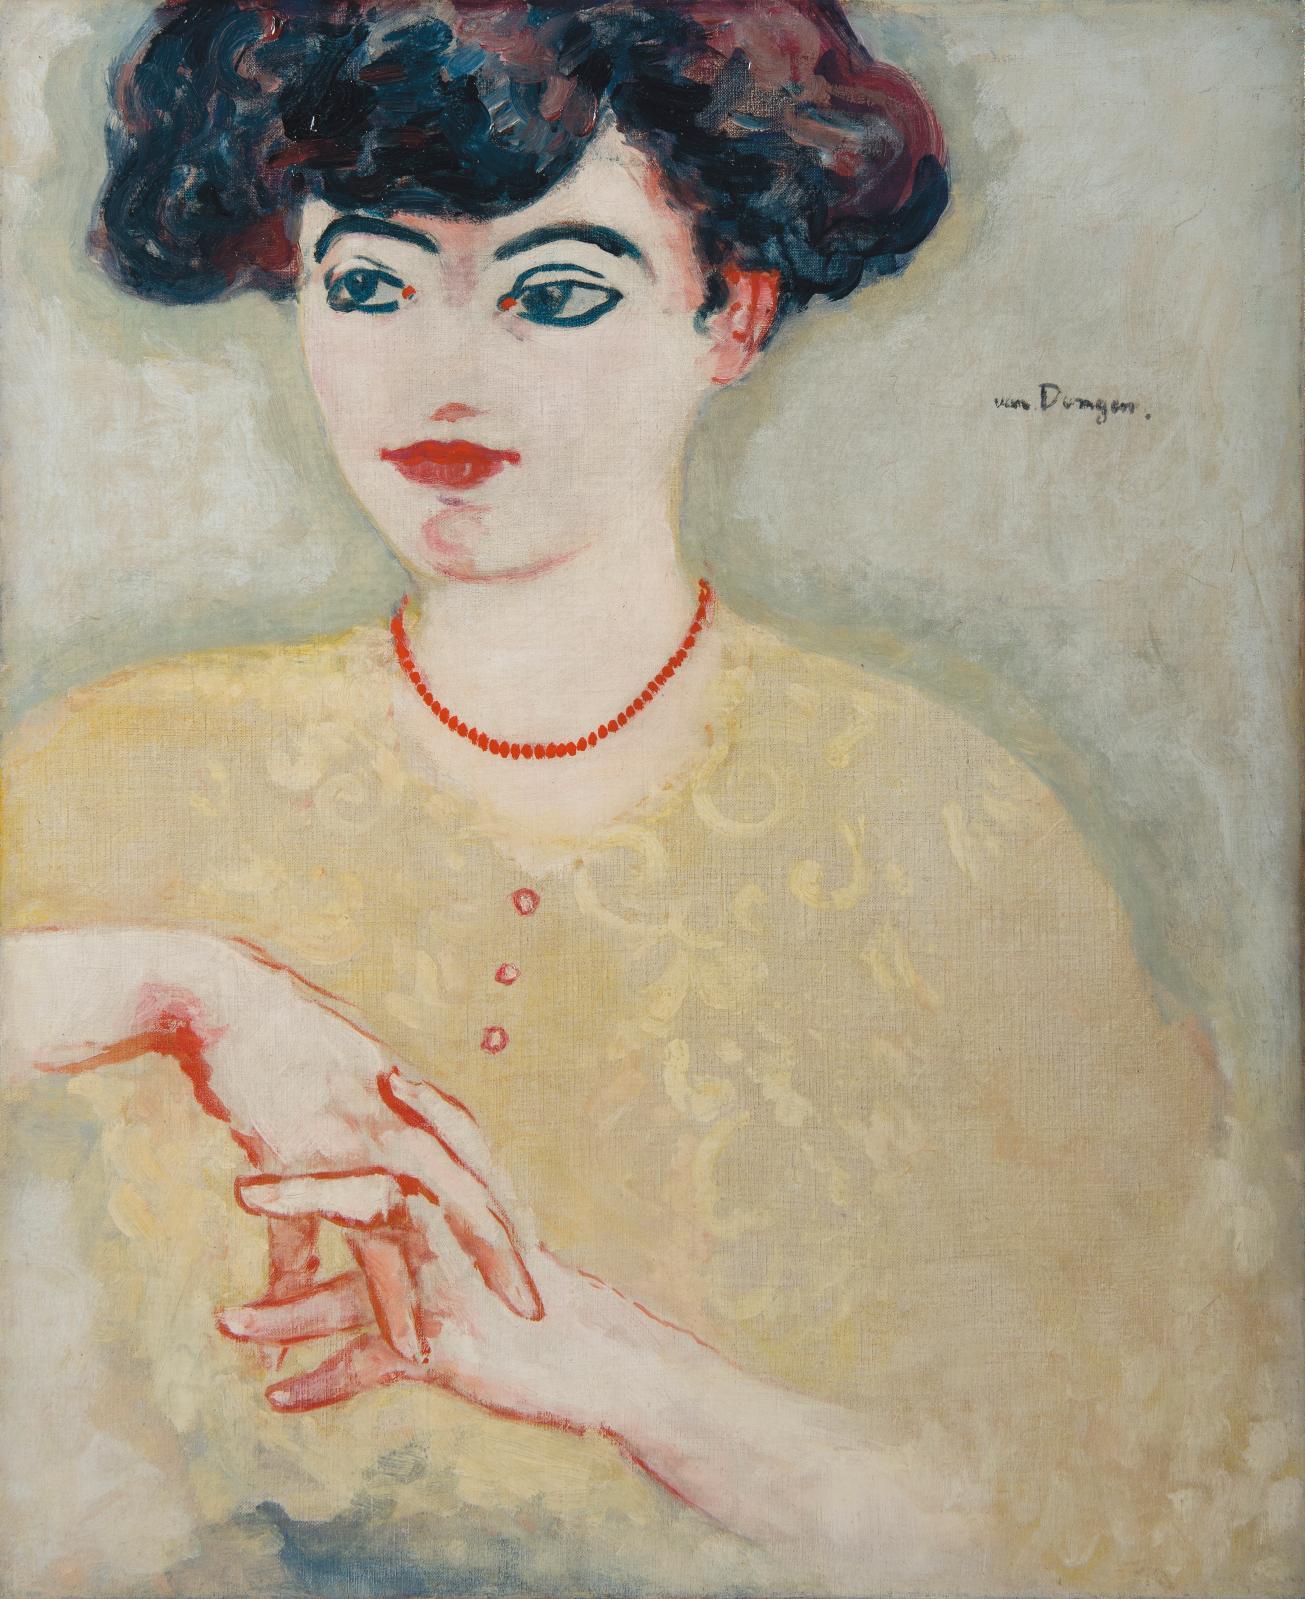 Kees Van Dongen, La Parisienne, vers 1906-1907,huile sur toile, 55x46cm, galerie Hélène Bailly, Paris.